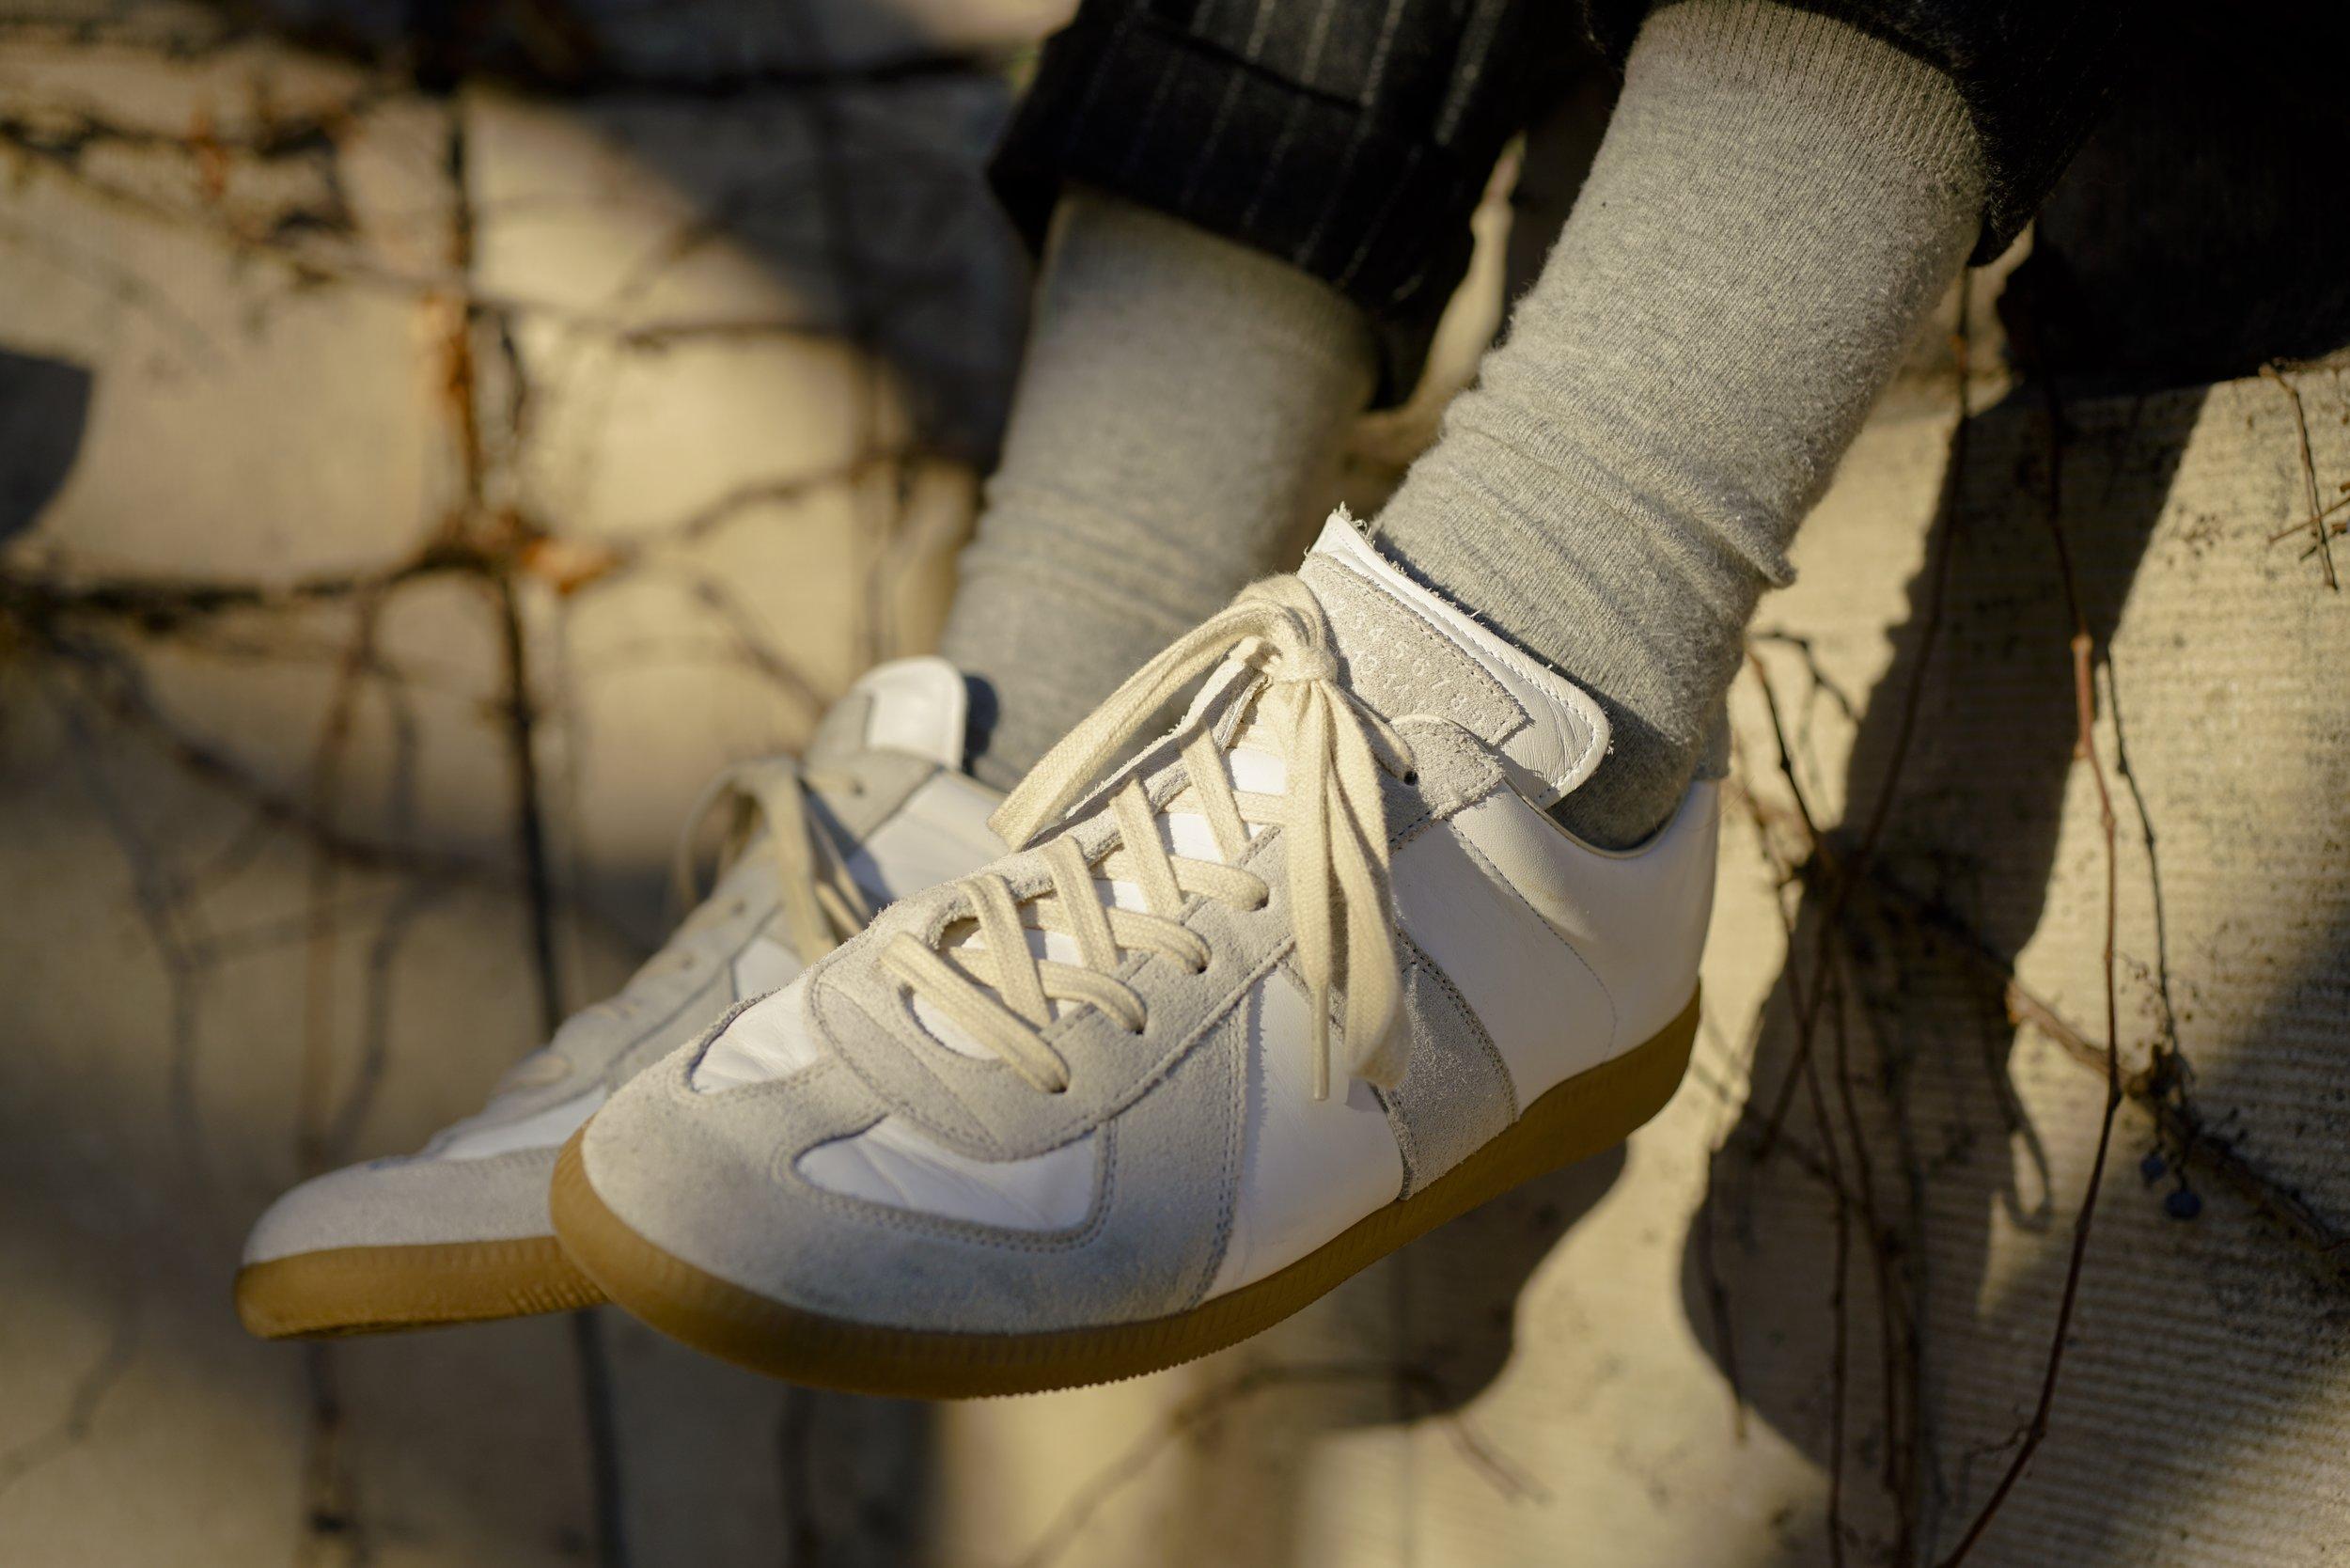 sneakers .jpg